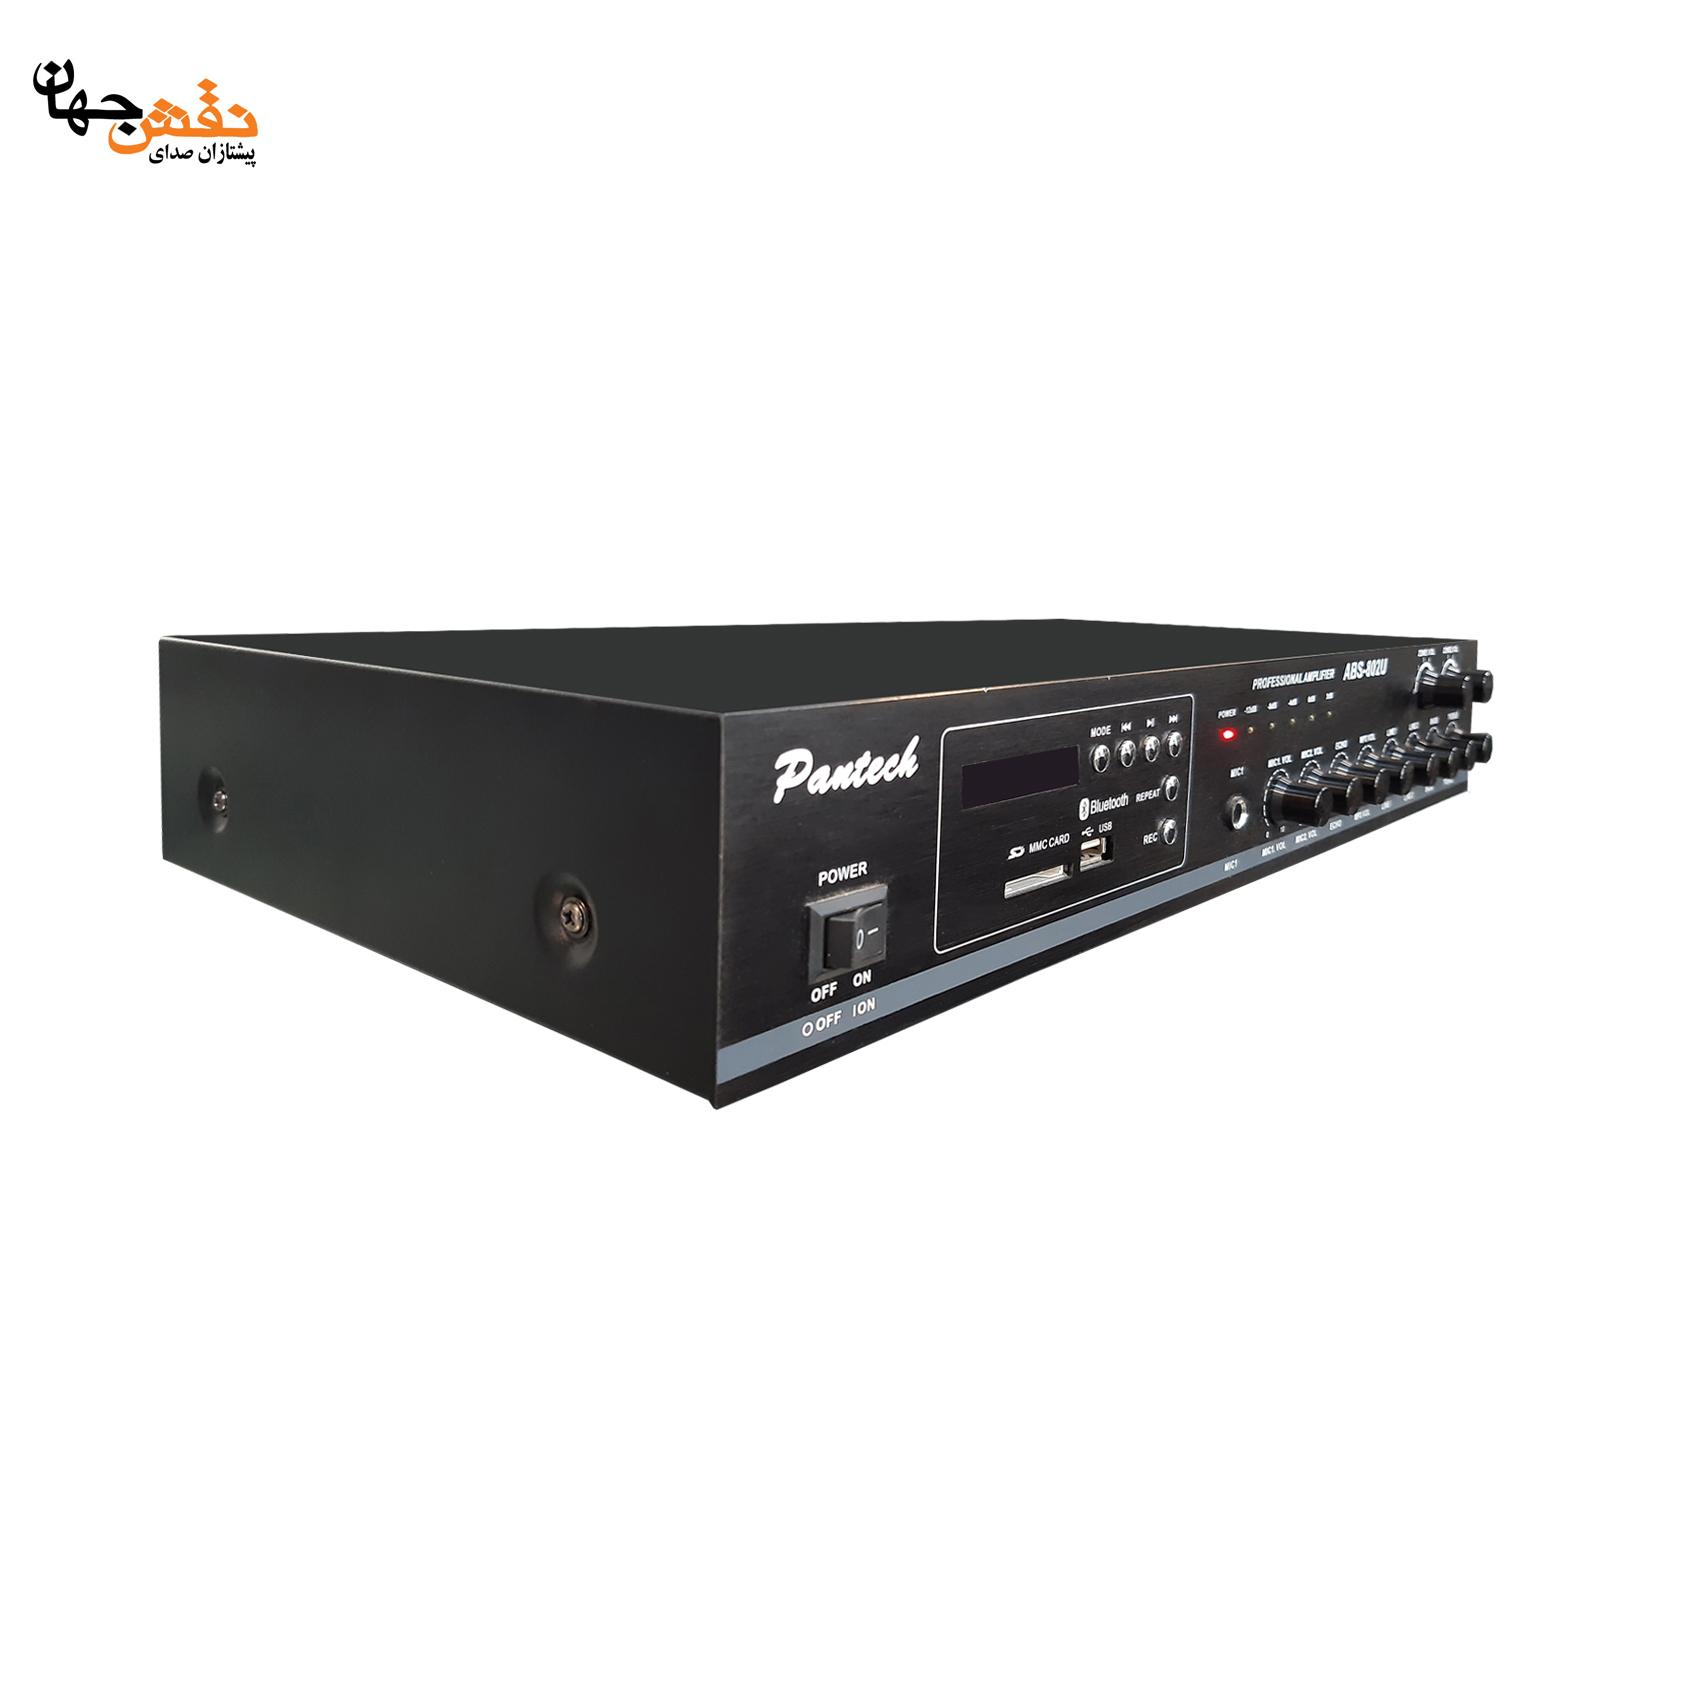 آمپلی فایر پنتک مدل ABS-802U